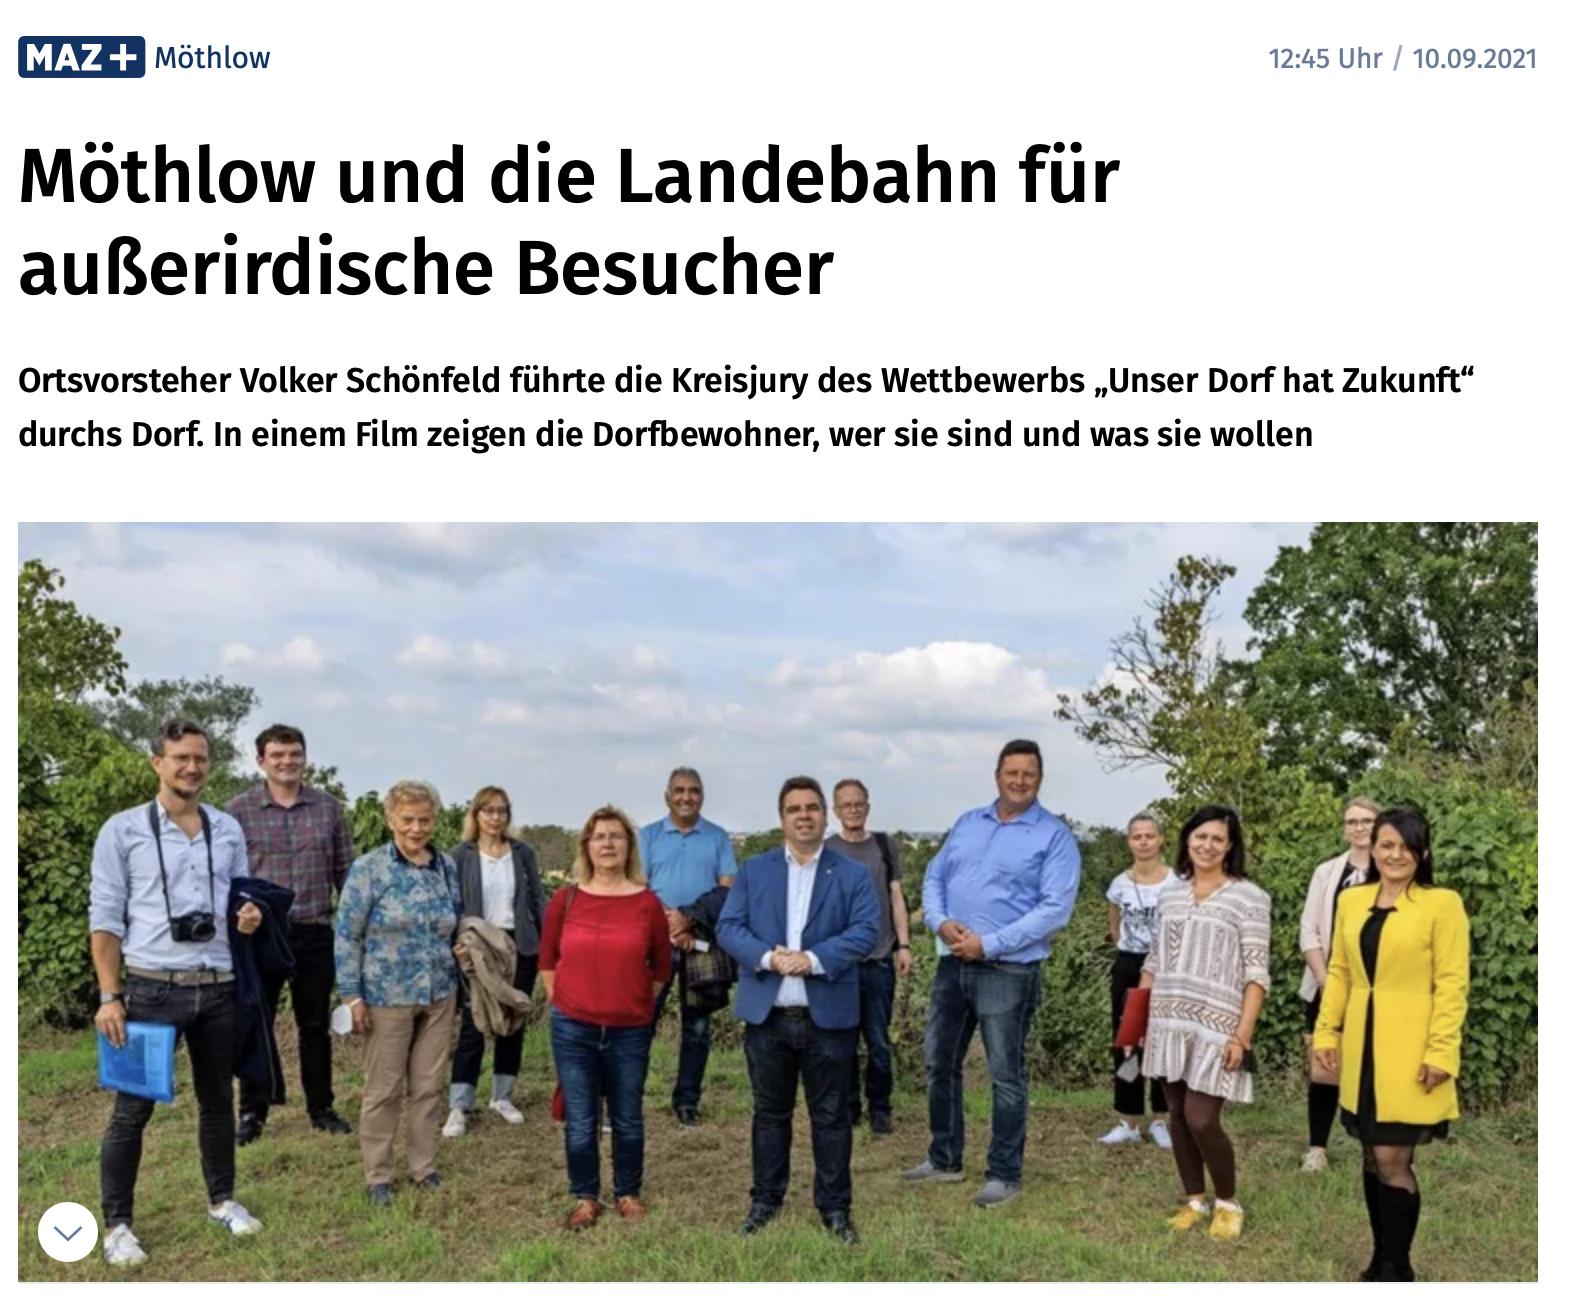 """You are currently viewing Möthlow und der Wettbewerb """"Unser Dorf hat Zukunft"""" in maz-online.de"""